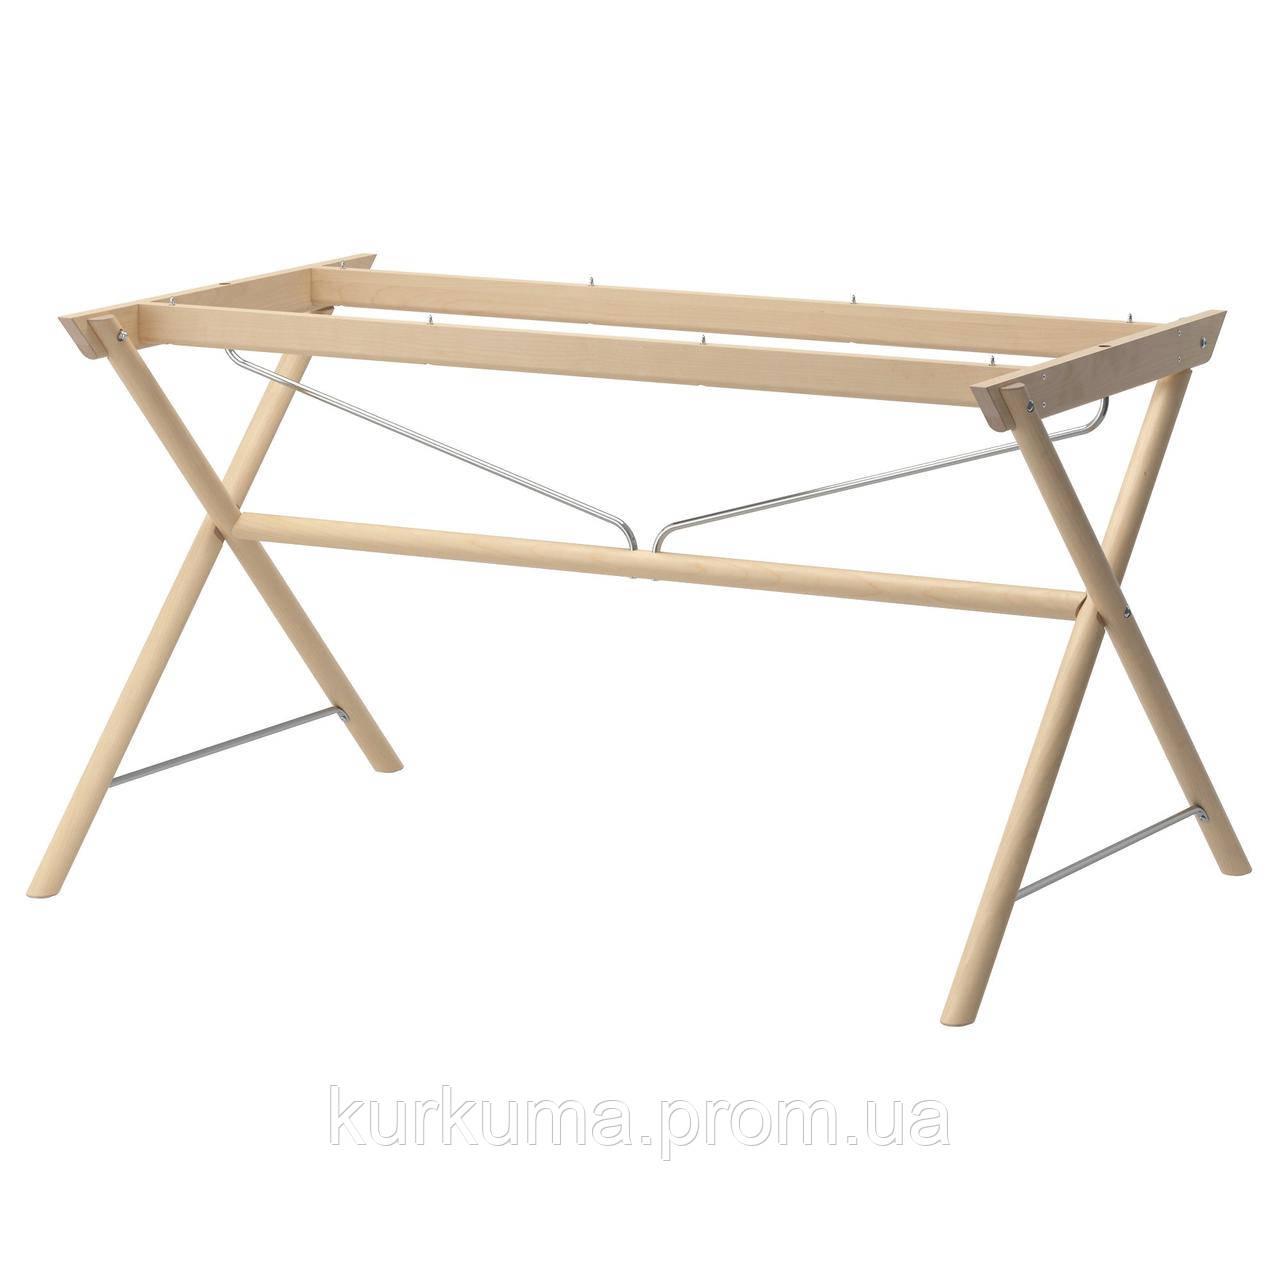 IKEA DALSHULT Основание стола, береза  (402.472.07)